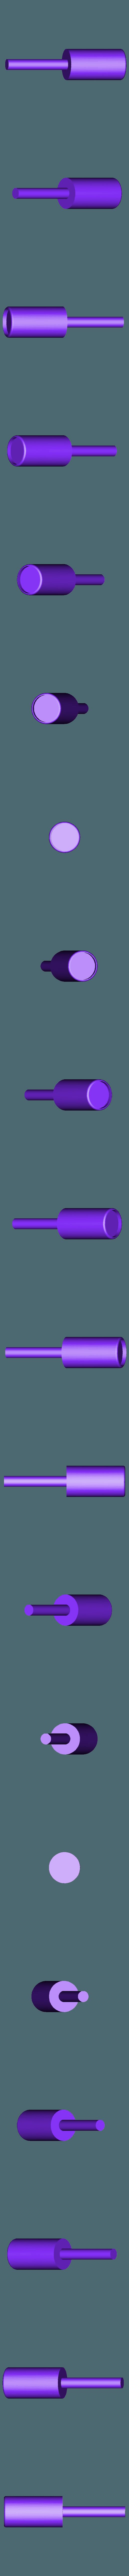 Sight_Lense_Top_1.stl Télécharger fichier STL gratuit Le concept du fusil Khan de Marvels The Exiles • Plan pour imprimante 3D, Dsk